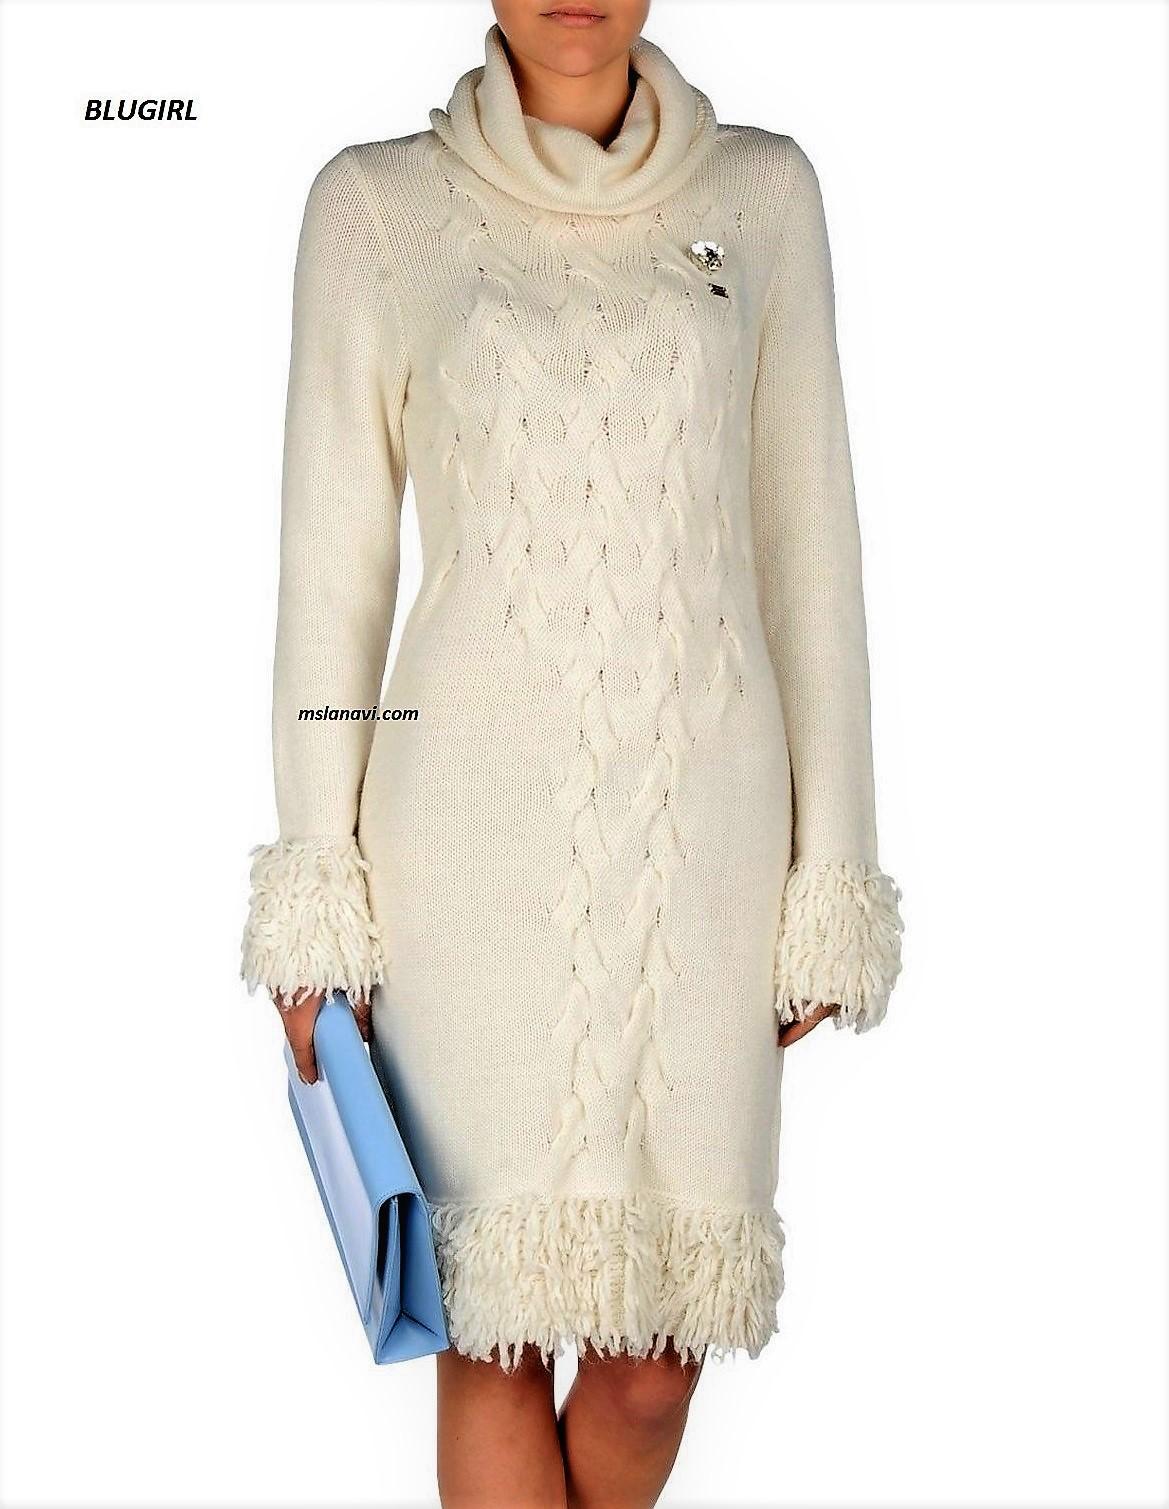 Вязаное платье спицами от BLUGIRL